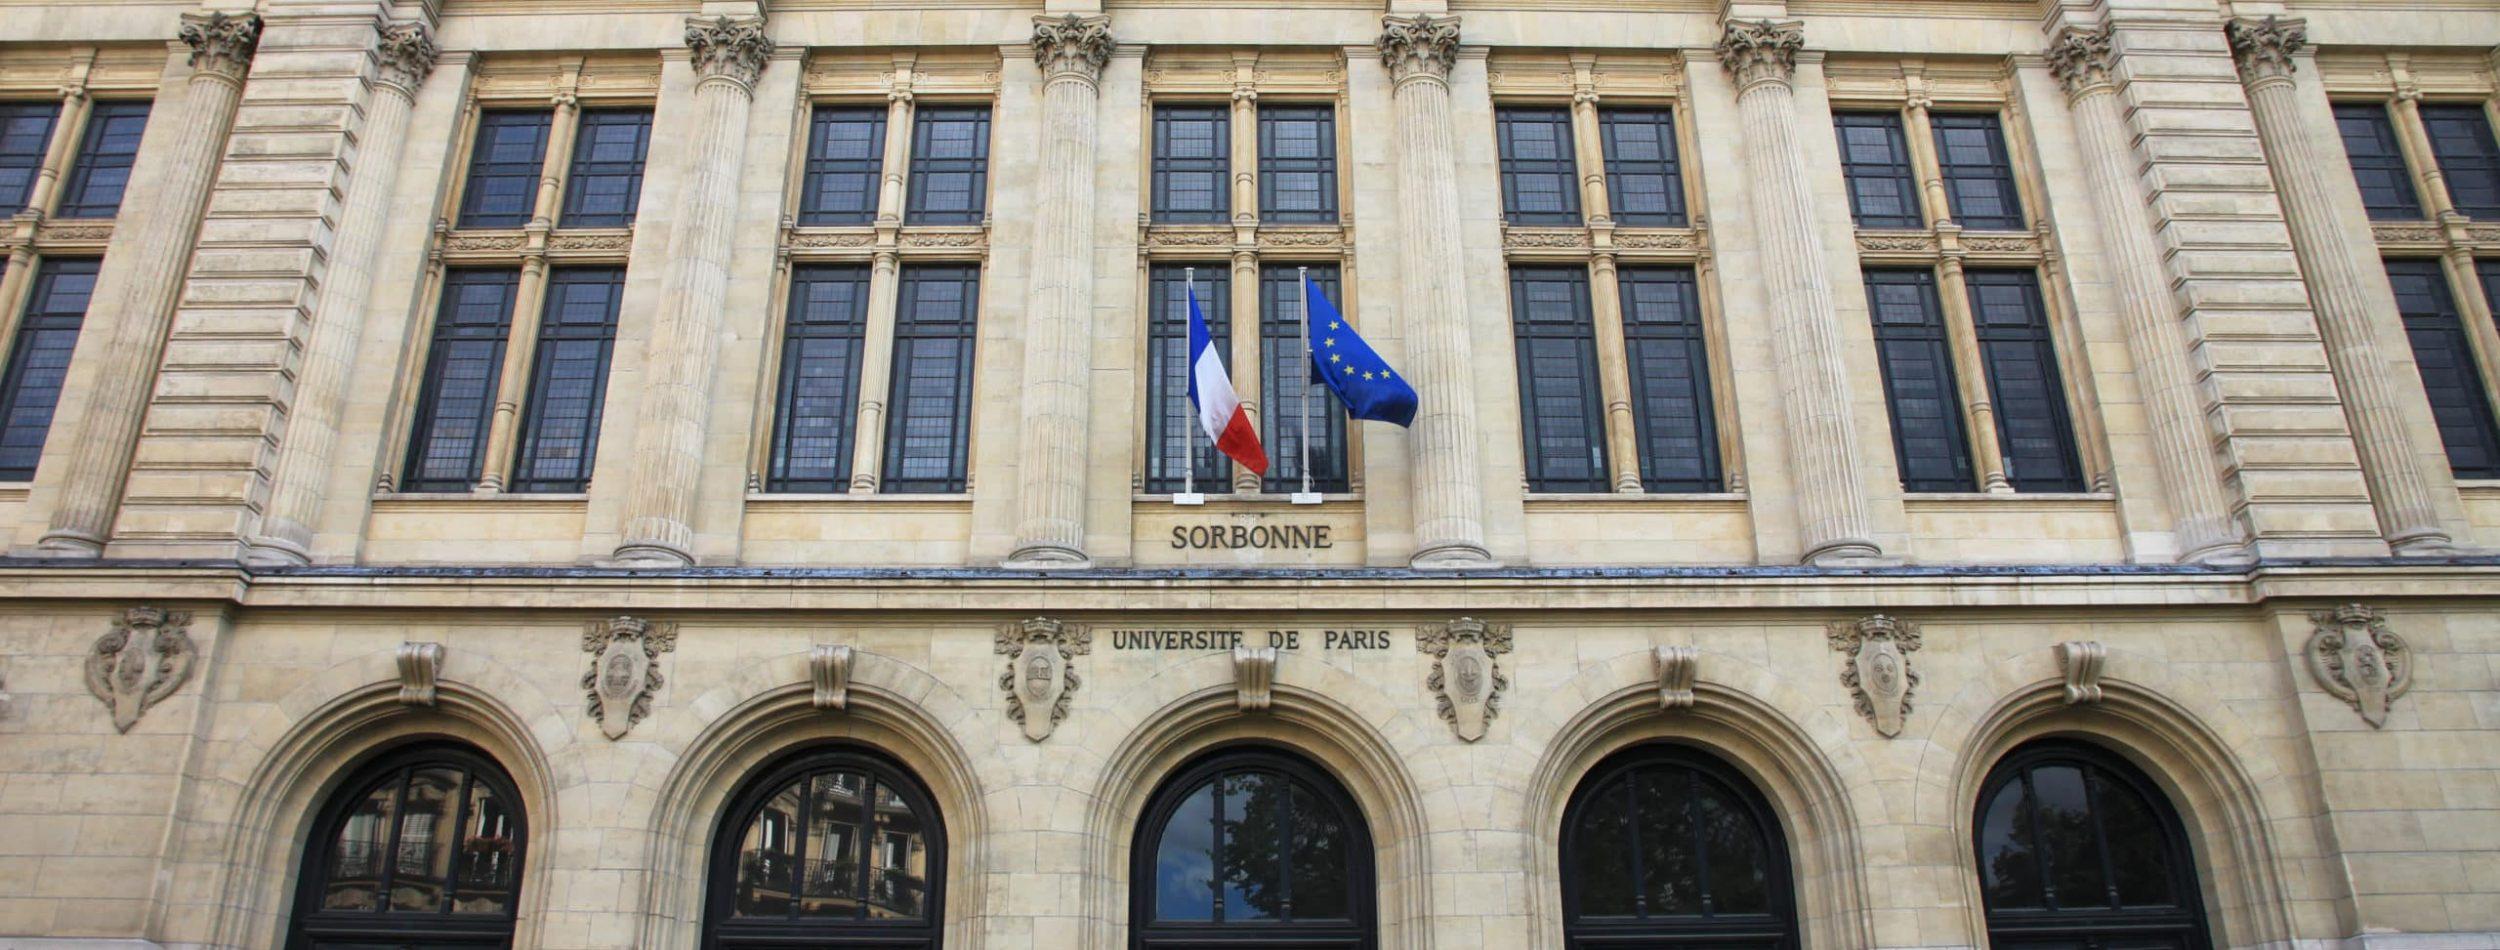 IAE Afrique Paris Sorbonne